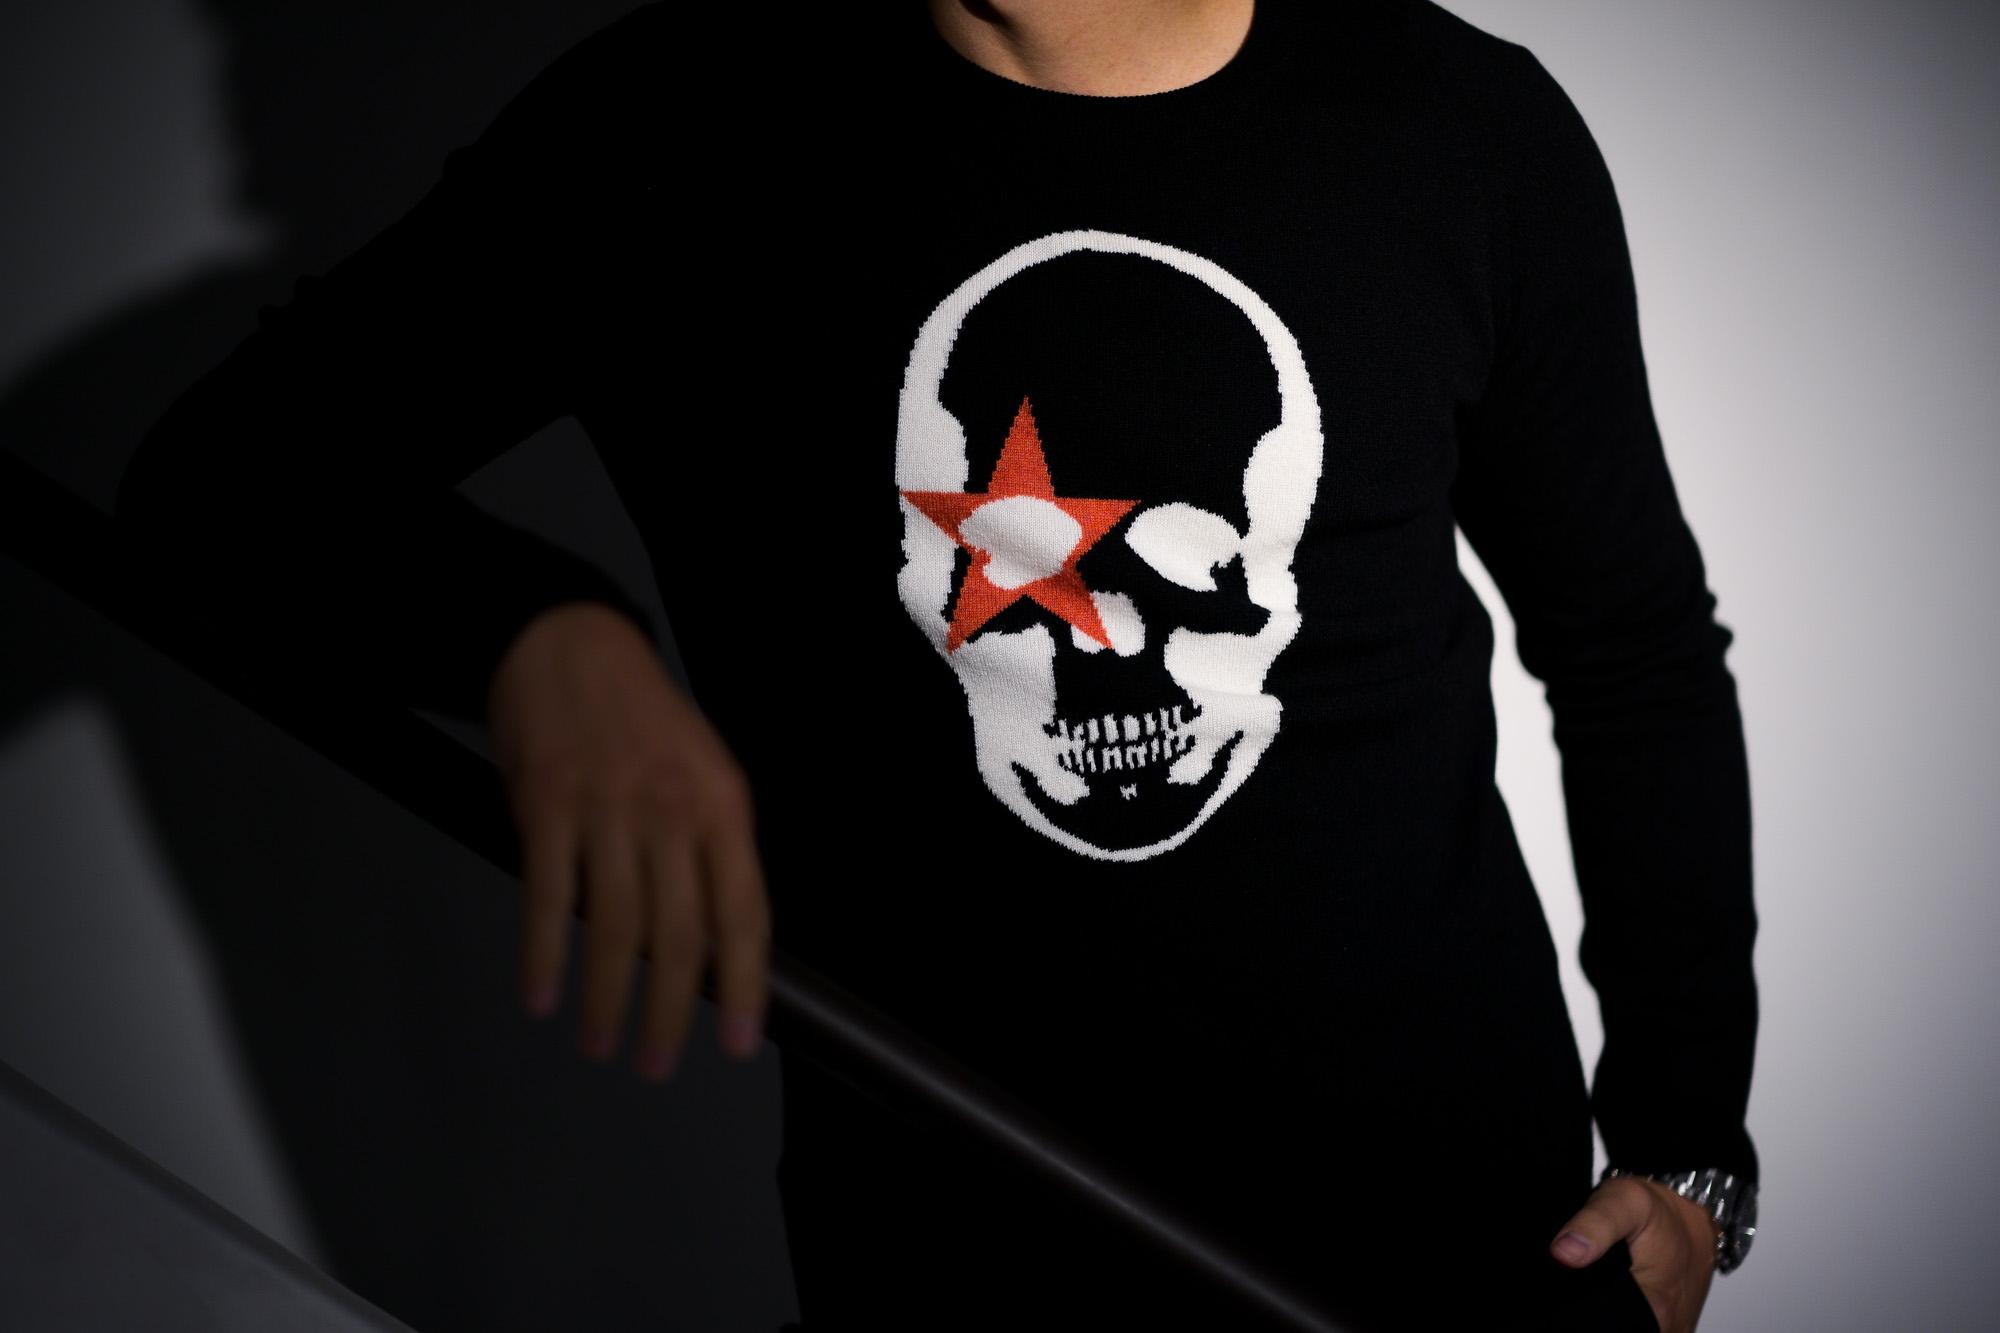 lucien pellat-finet(ルシアン ペラフィネ) KISS Skull Cashmere Sweater (キッス スカル カシミア セーター) インターシャ カシミア スカル セーター BLACK × NIVEOUS (ブラック × ホワイト) made in scotland (スコットランド製) 2020 春夏新作 愛知 名古屋 altoediritto アルトエデリット